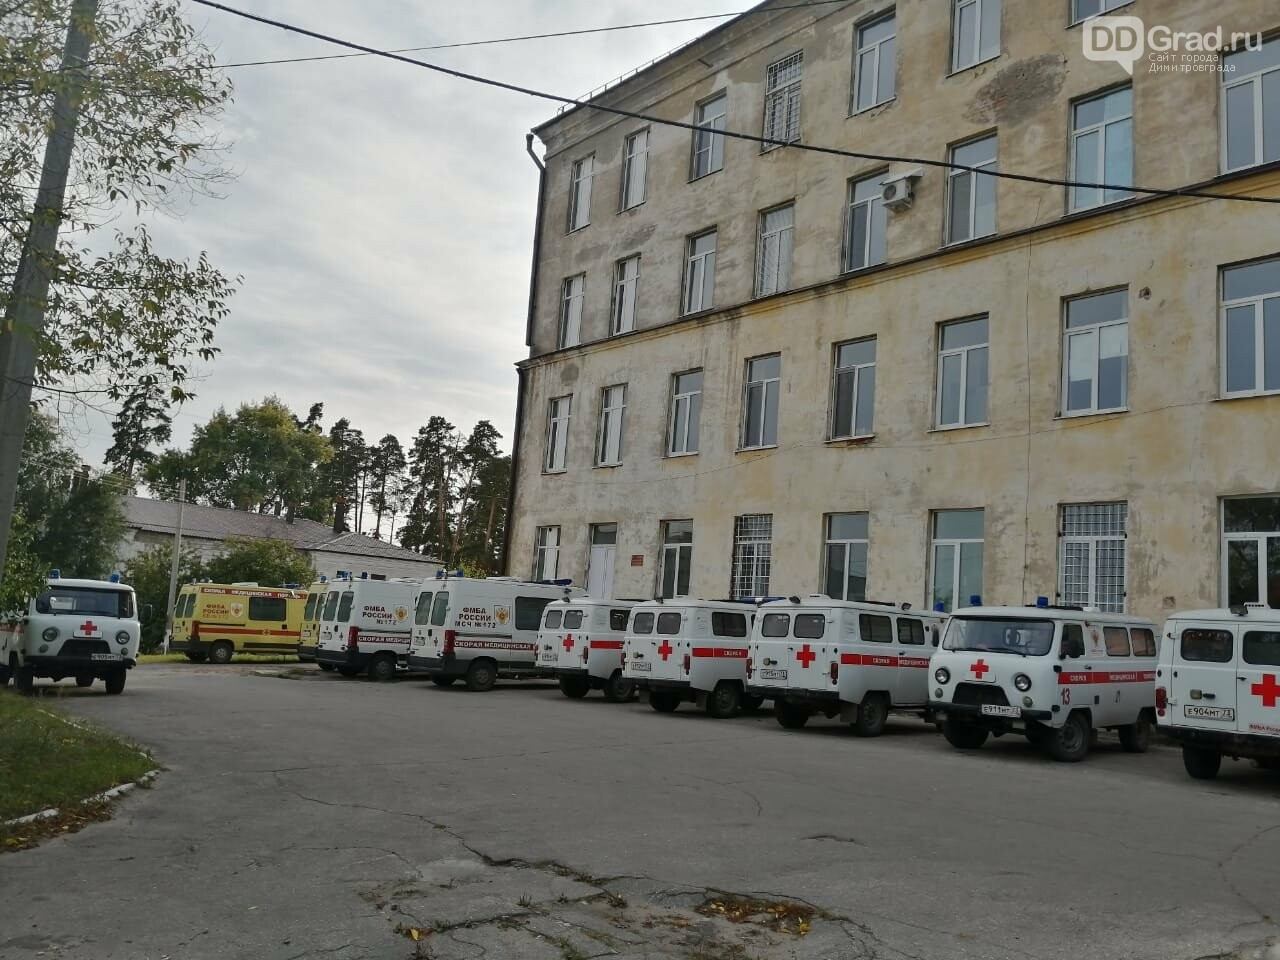 В Димитровграде переезжает городская Станция скорой медицинской помощи , фото-1